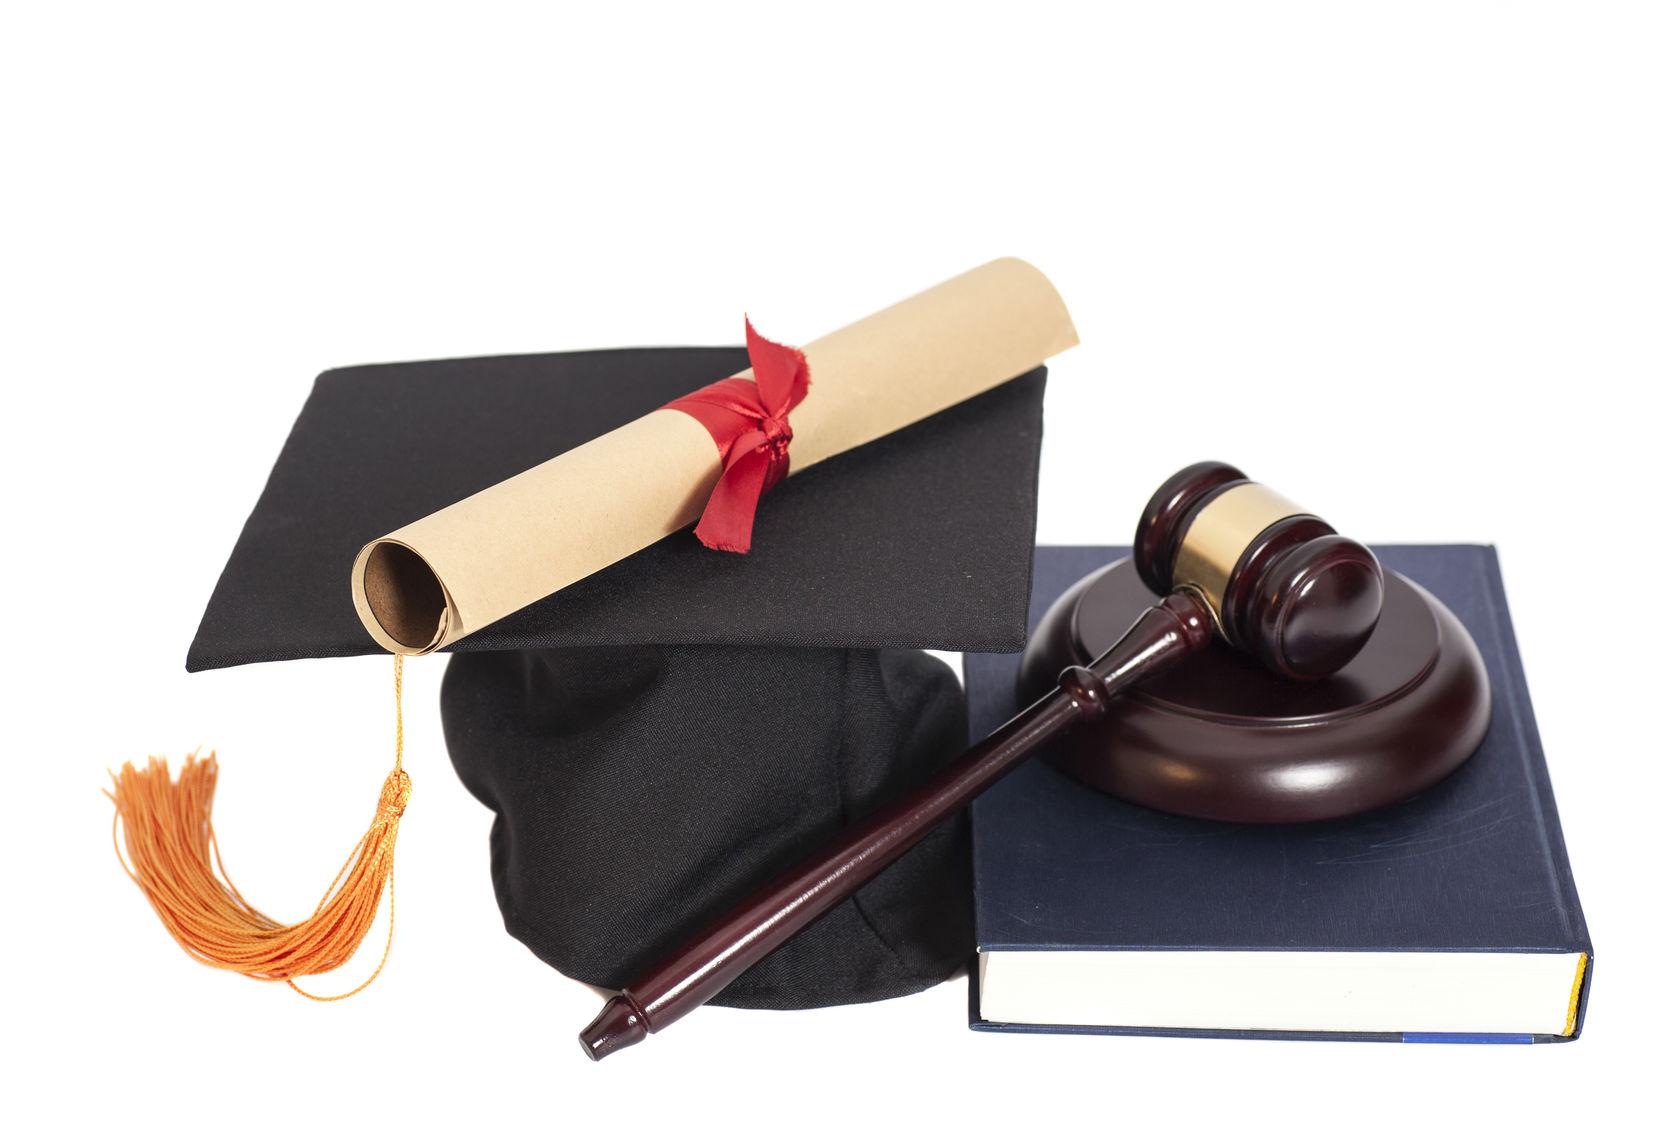 Pakistani girl Maham Malik tops UK Law School examination